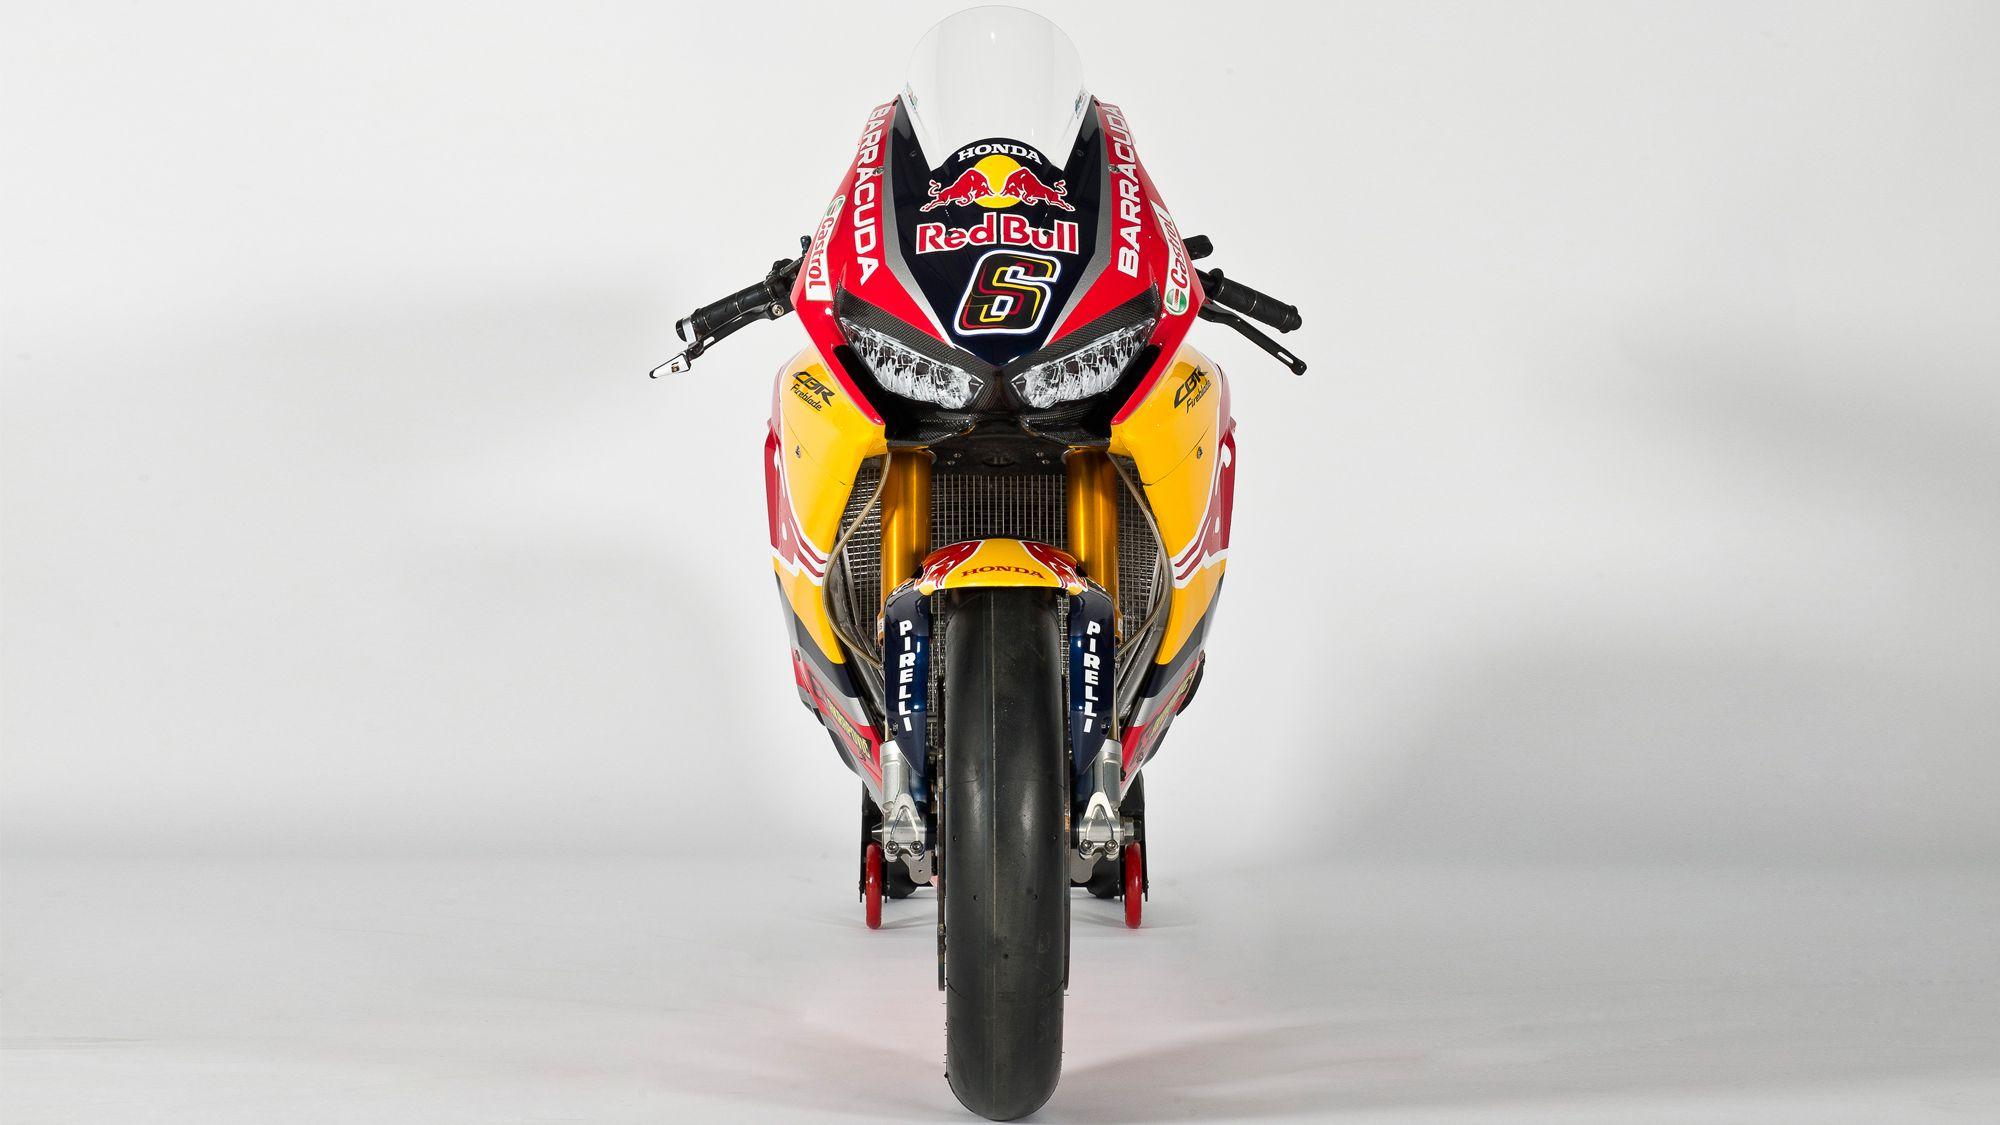 Red Bull Honda World Superbike Team Nicky Hayden And Stefan Bradl Nicky Hayden And Stefan Bradl Projekte